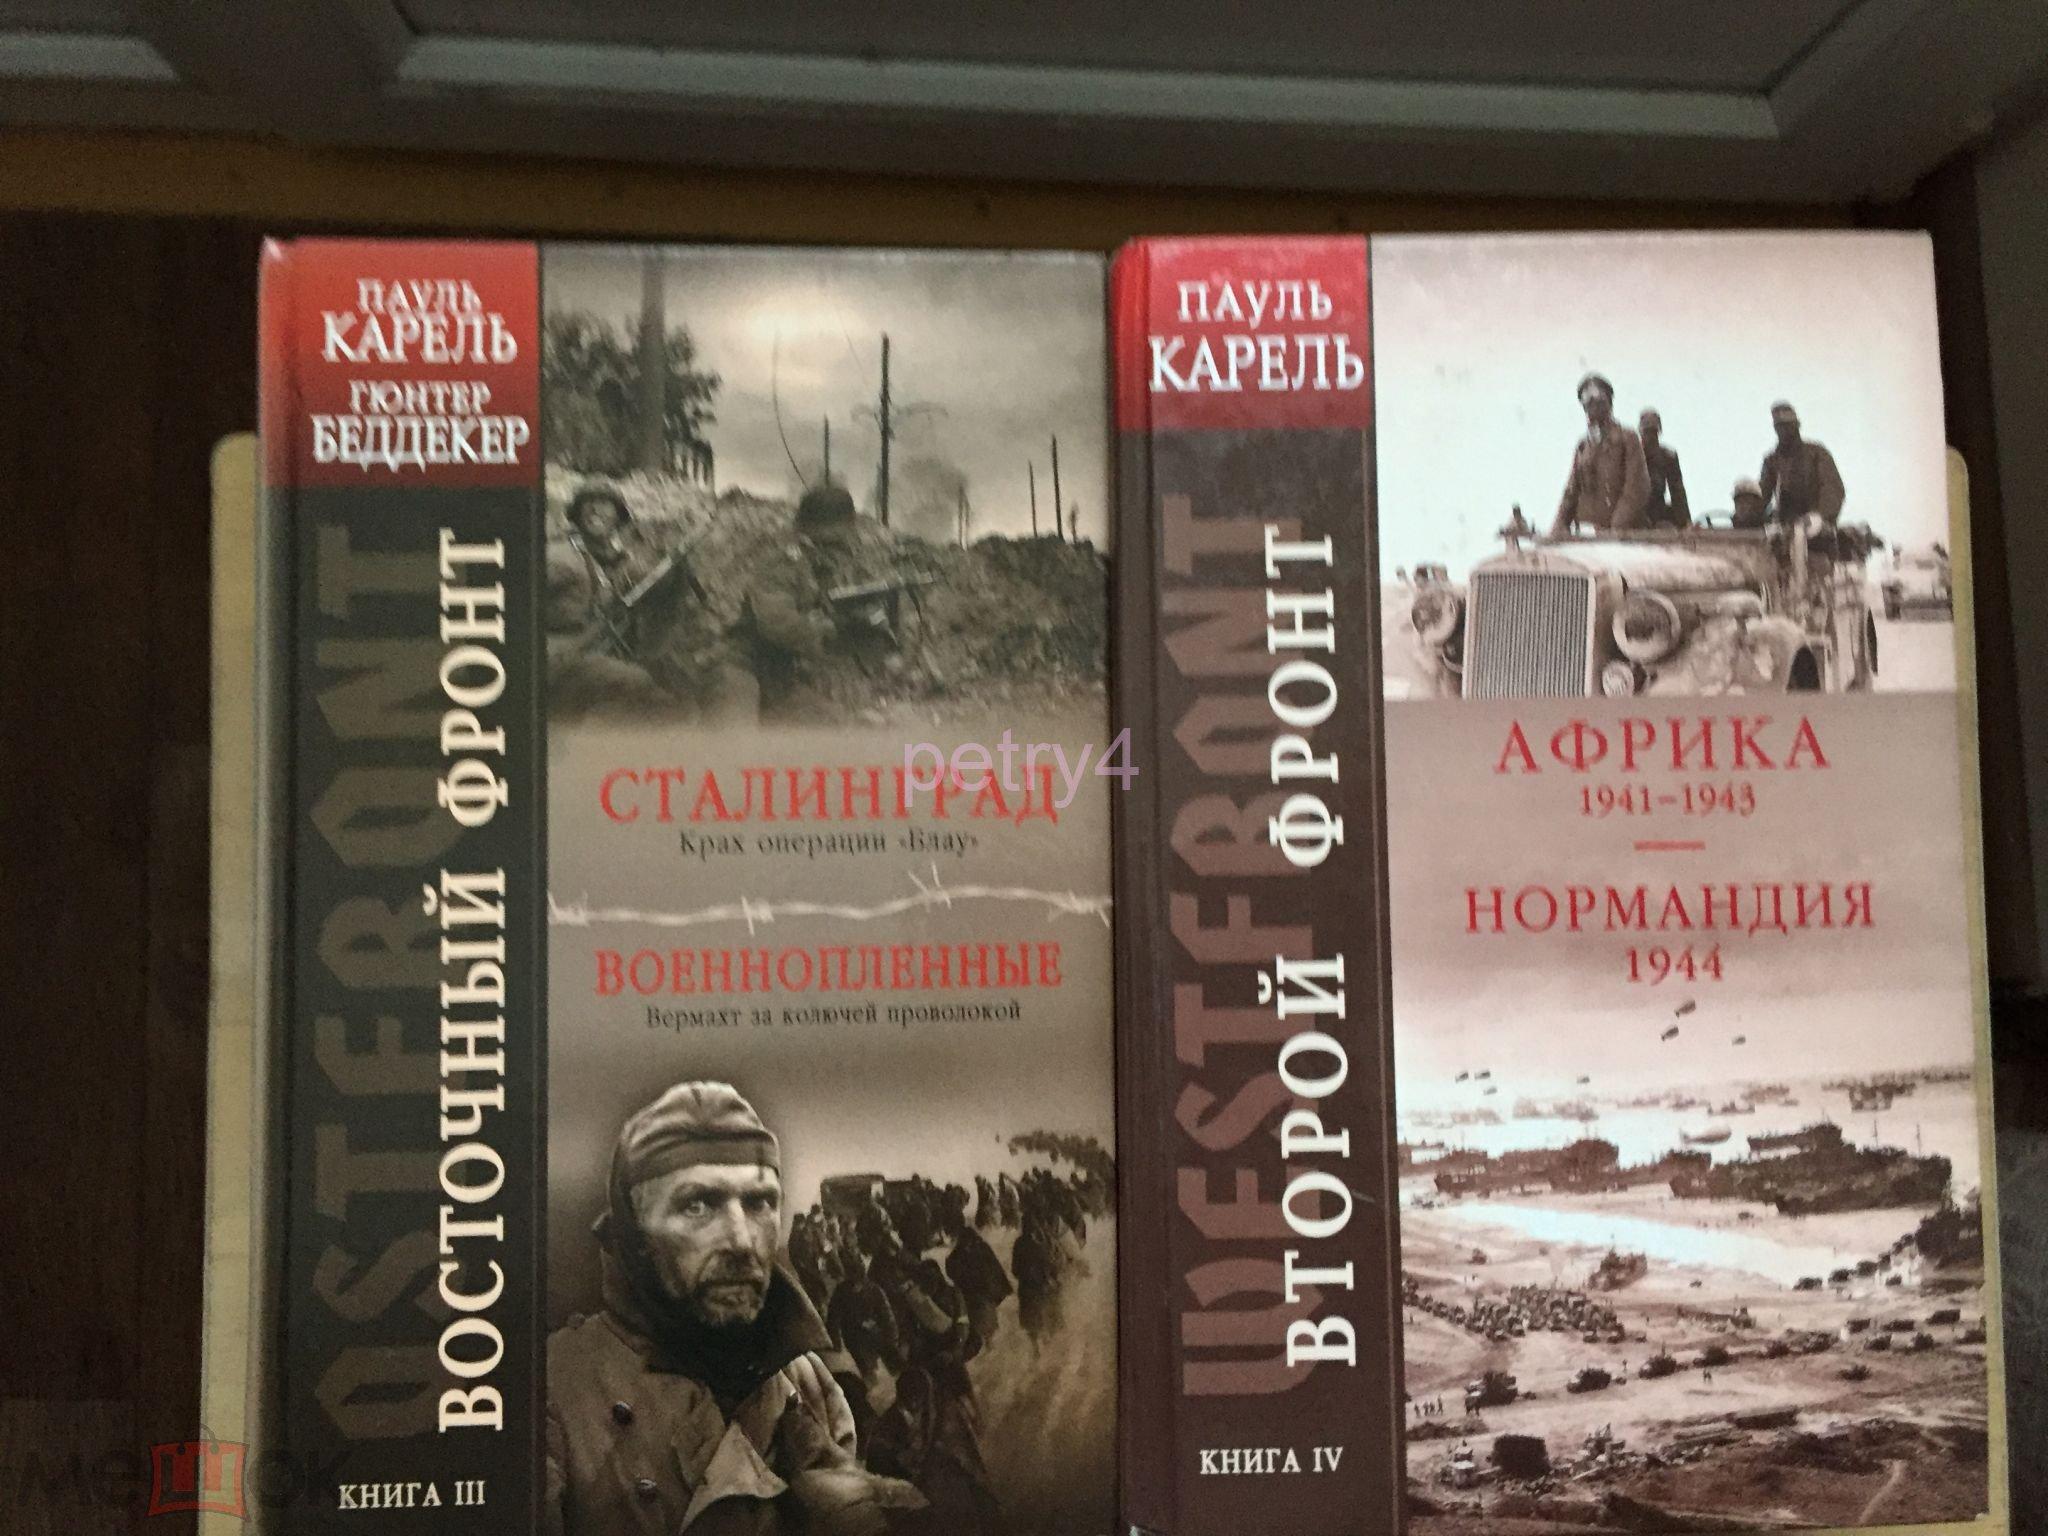 Восточный фронт книга 2 выжженная земля 1943-1944 пауль карель.